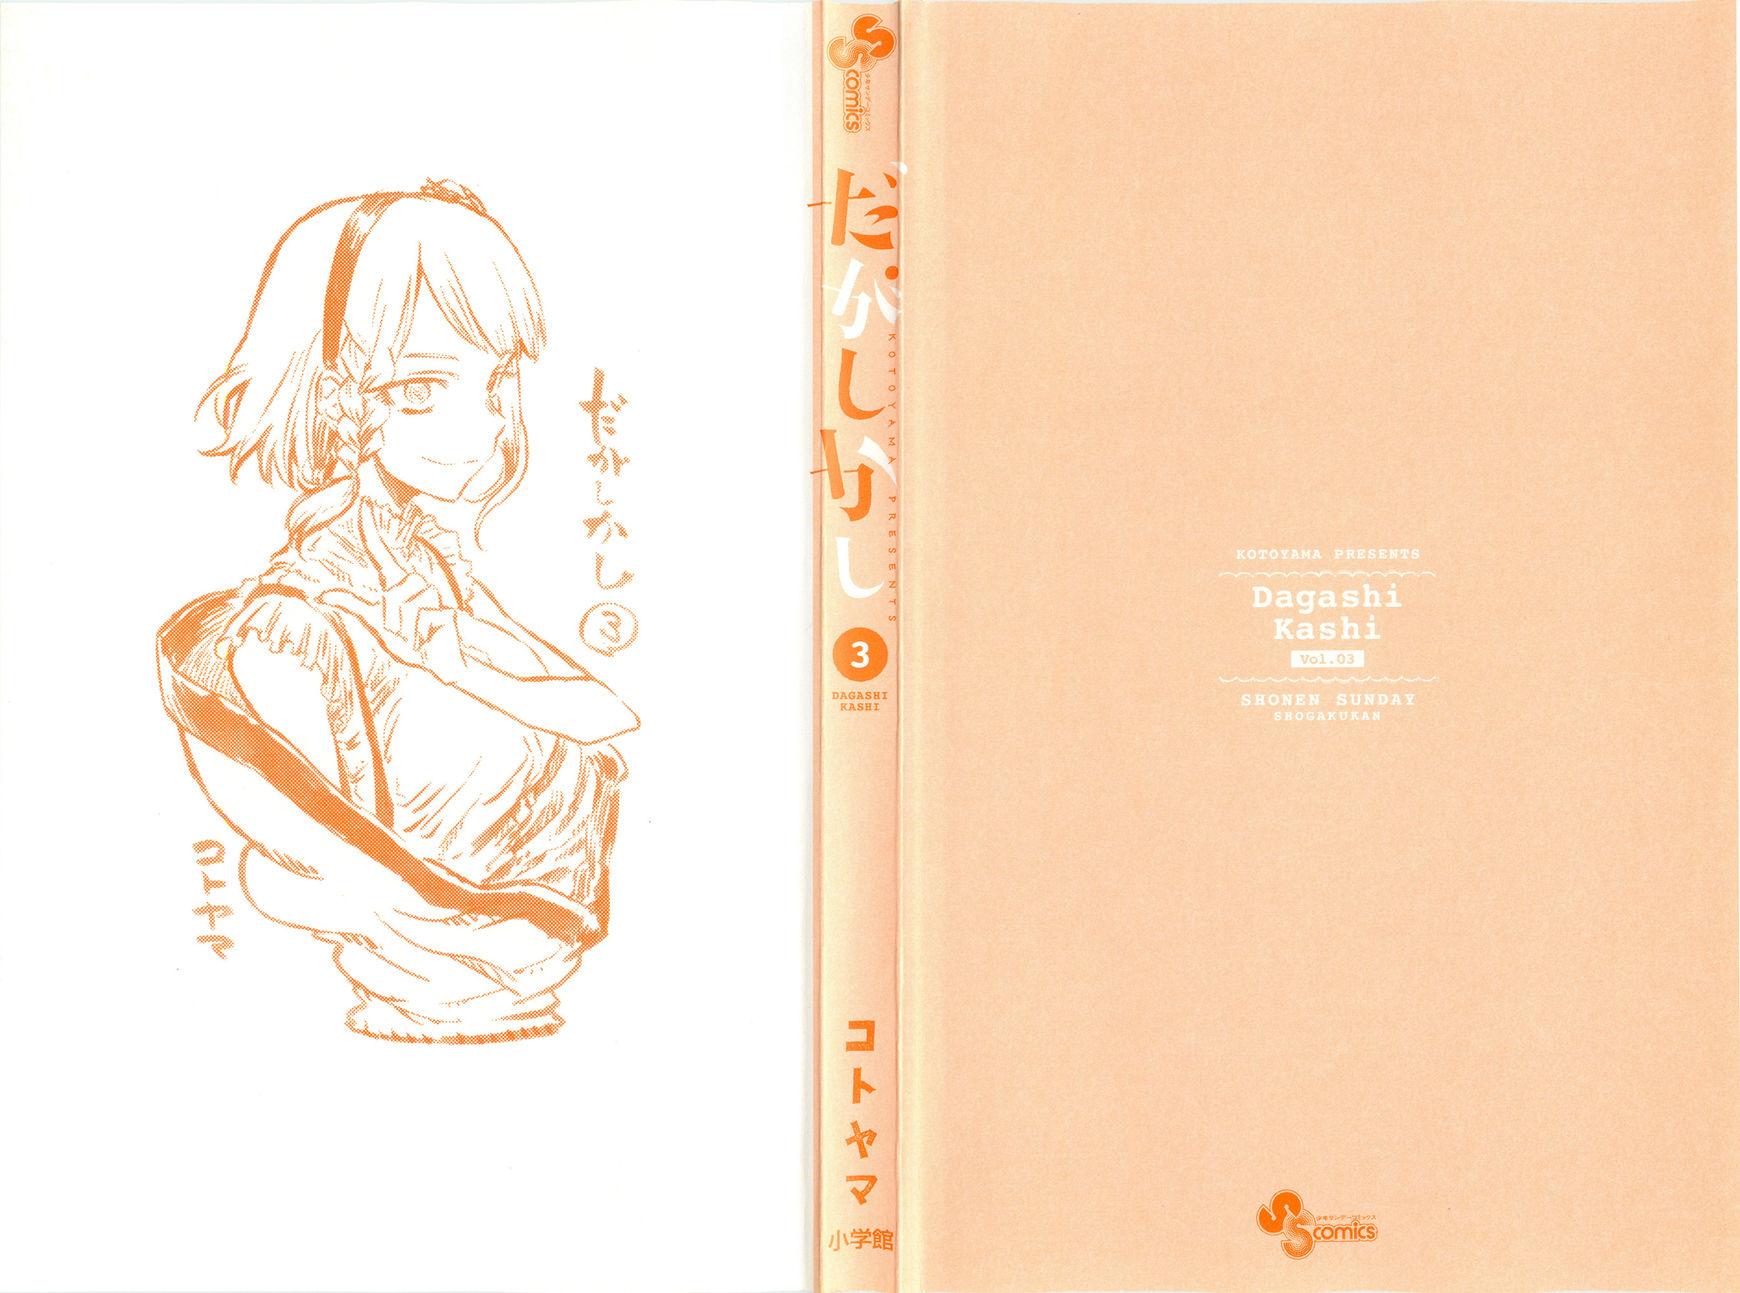 Dagashi Kashi 56.5 Page 2